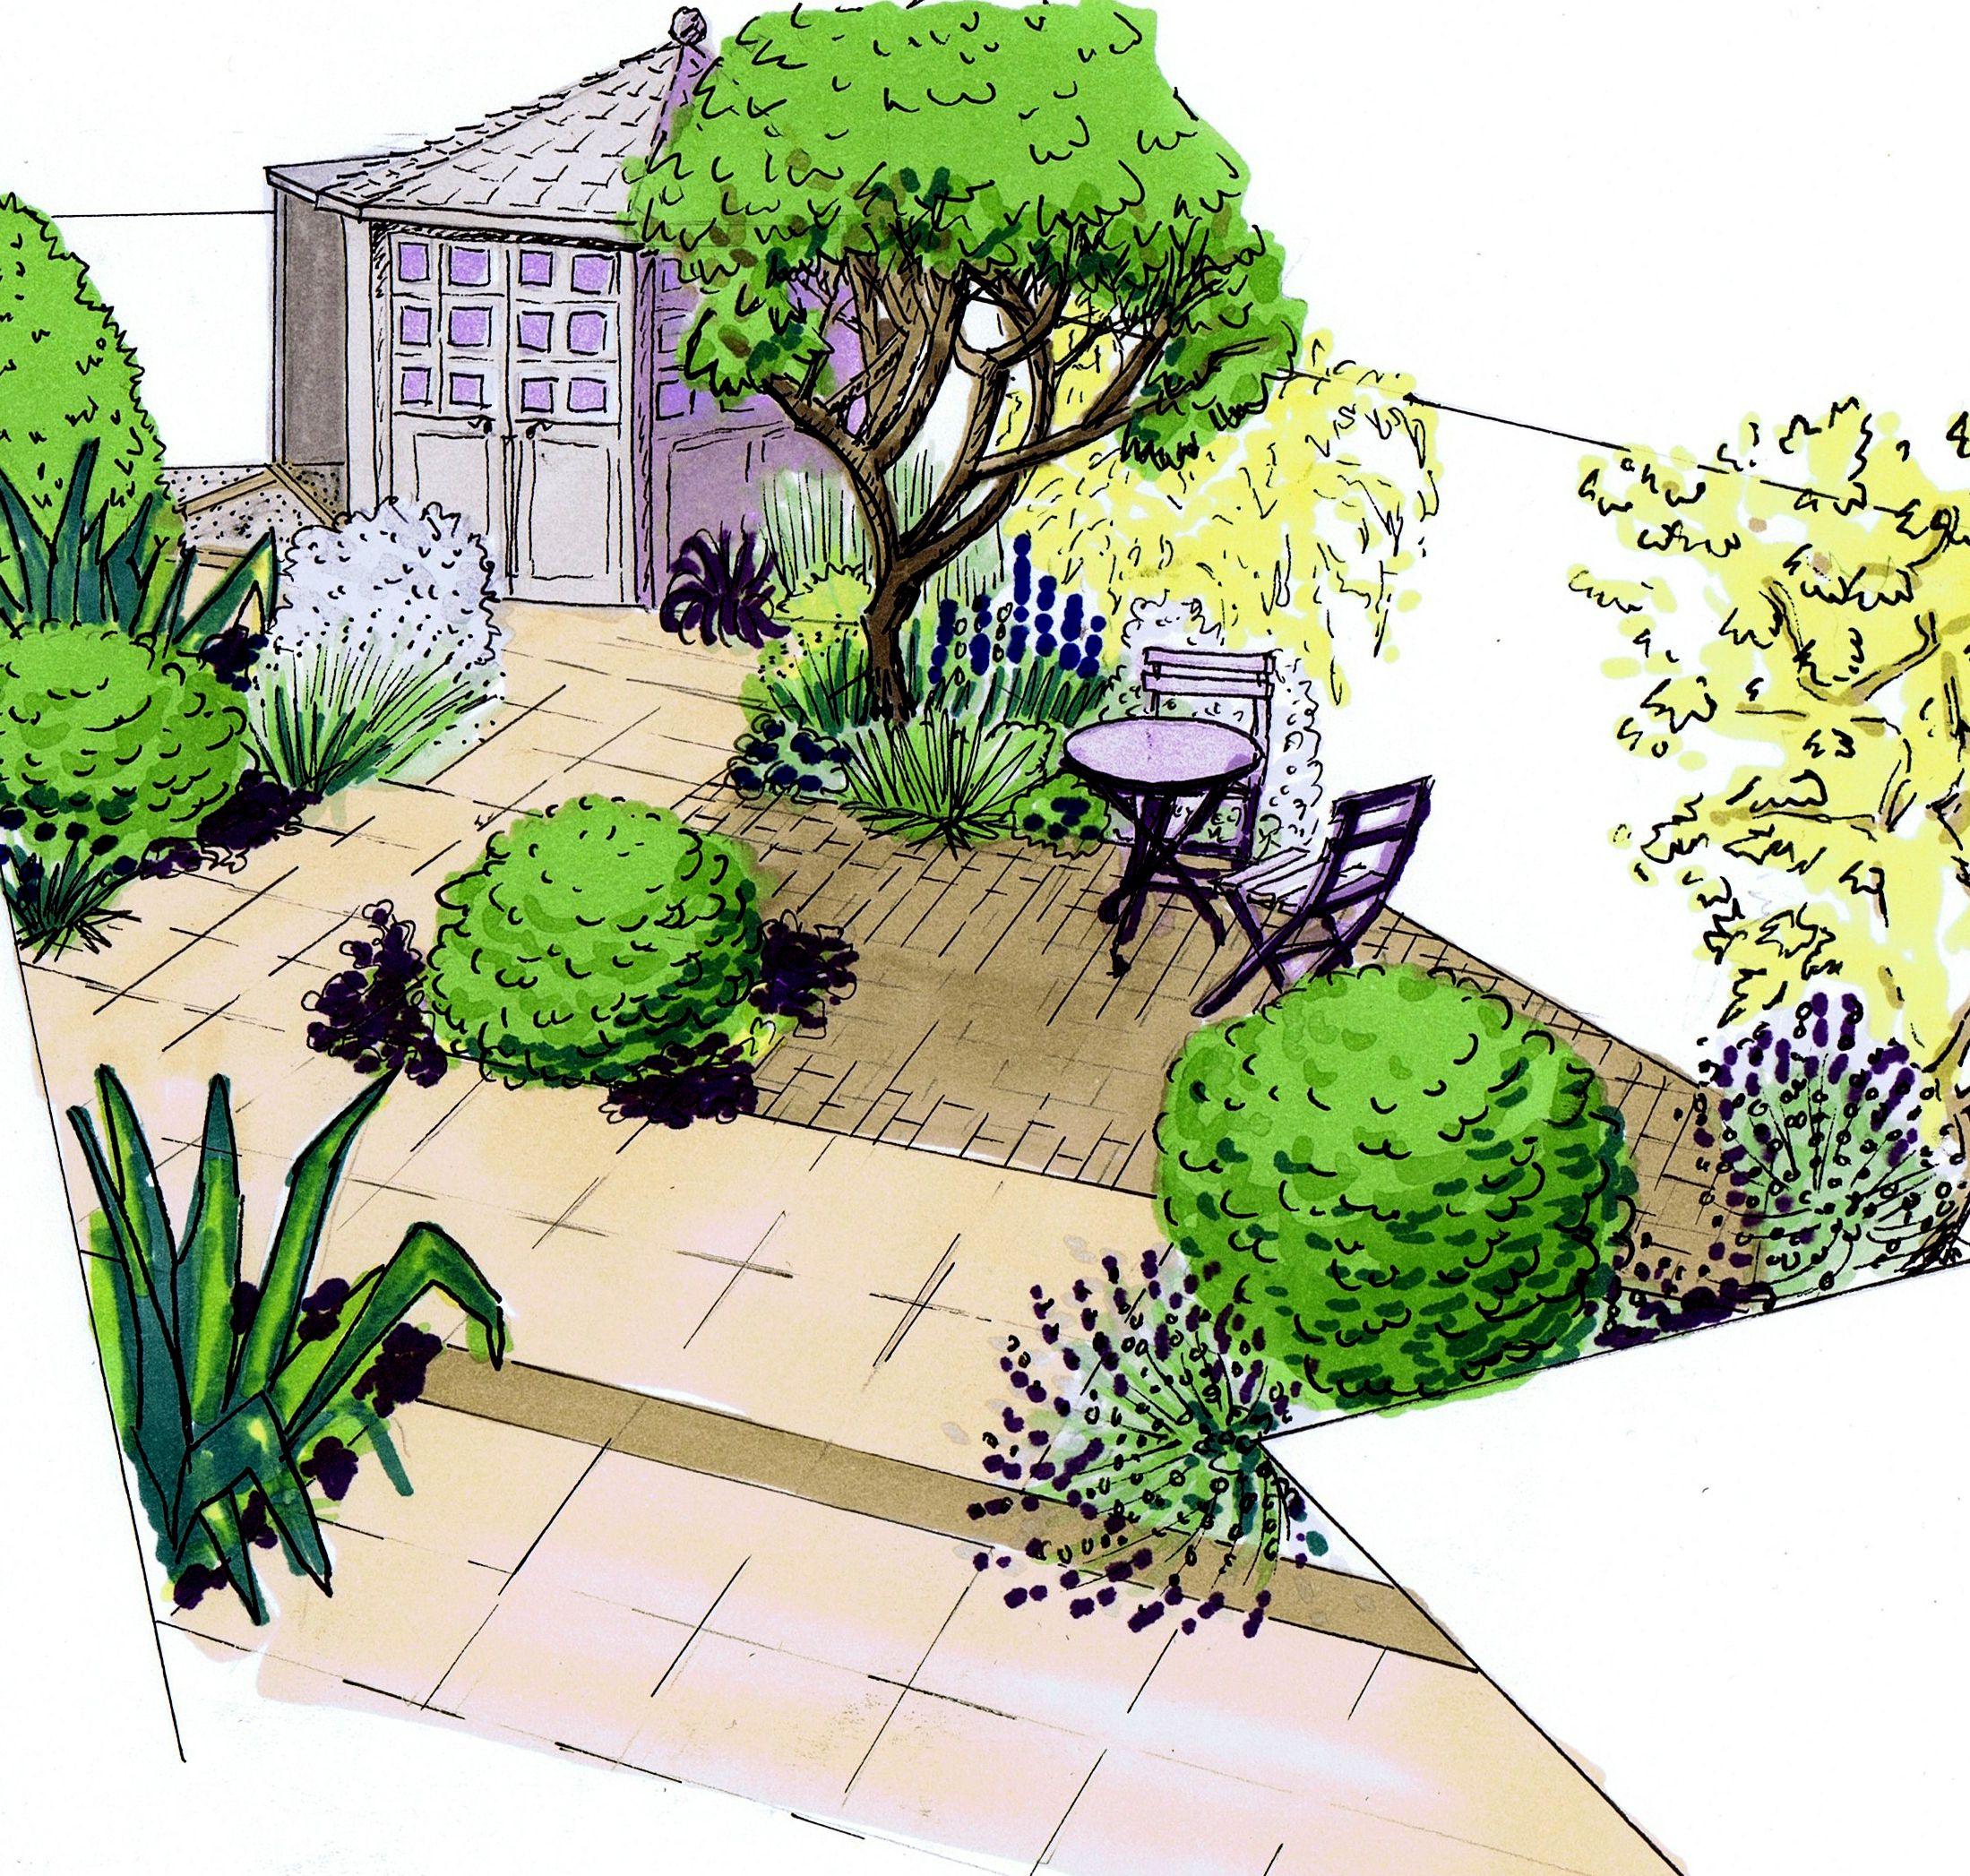 Design for a small town garden Garden illustration